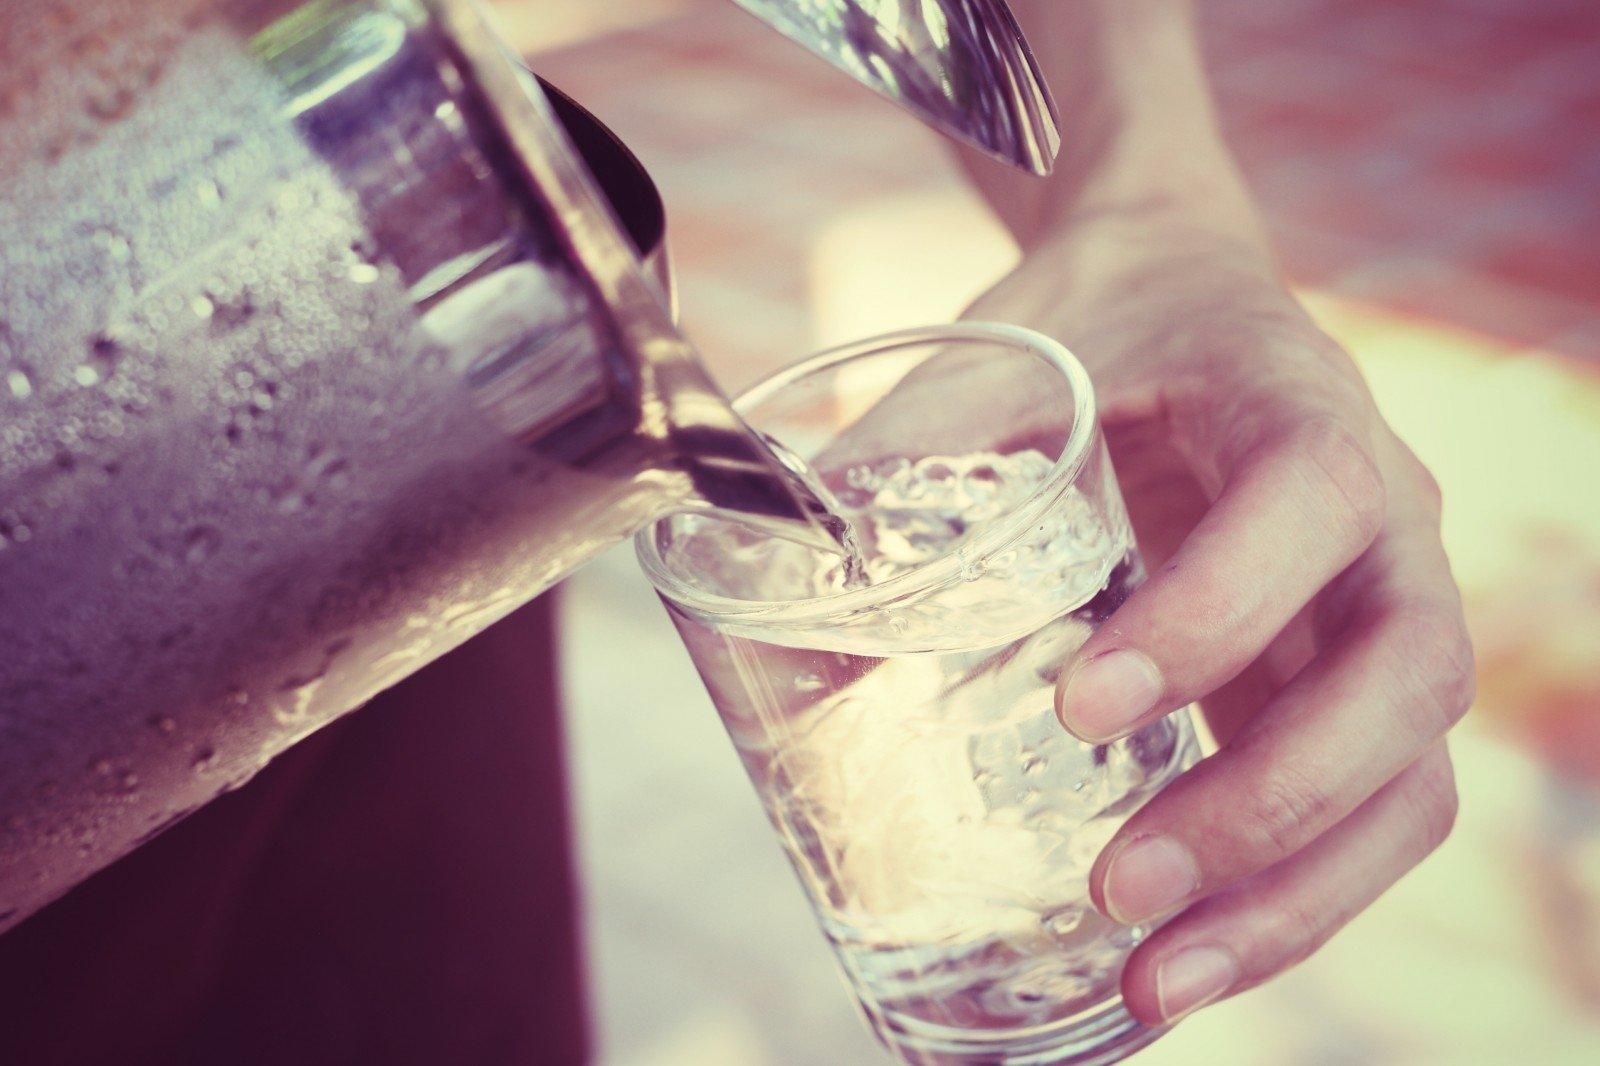 ar gerti vandenį su hipertenzija